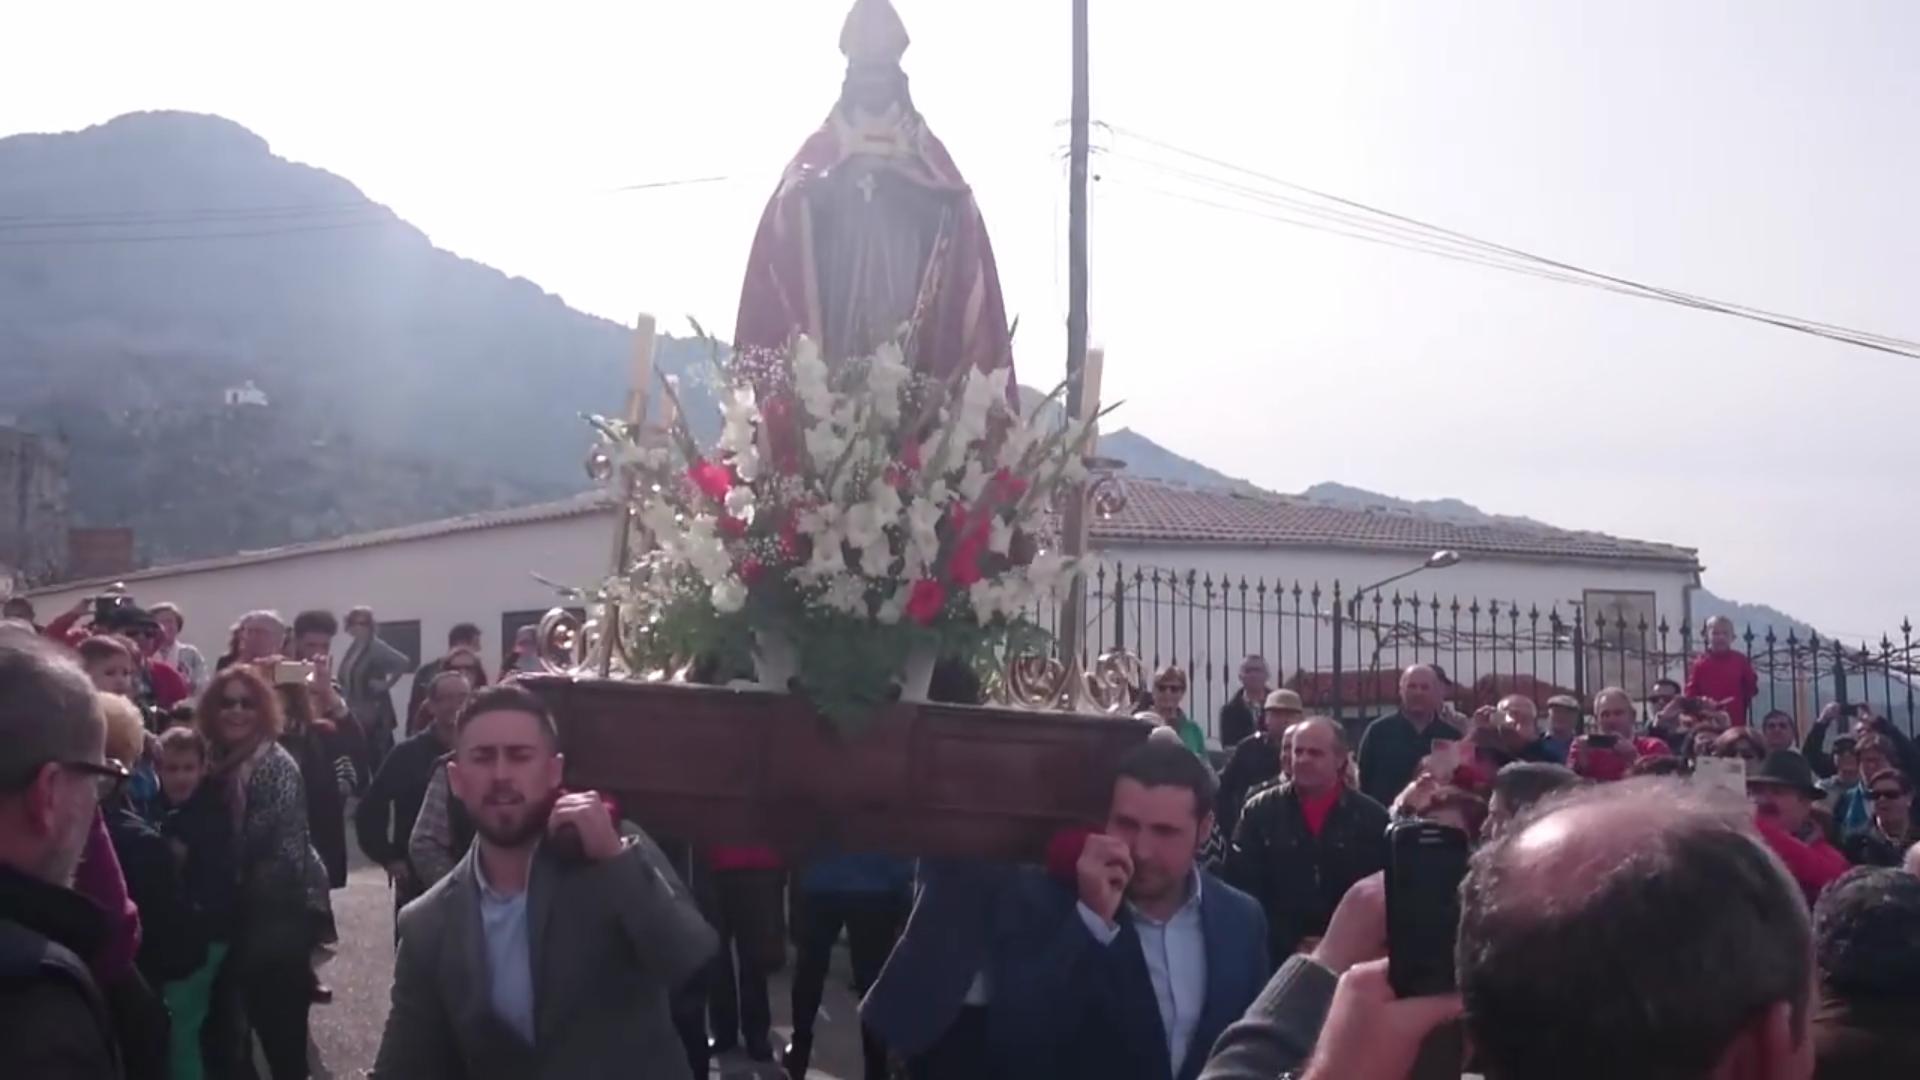 San Blas, Ama Birjinaren atzetik dantzan